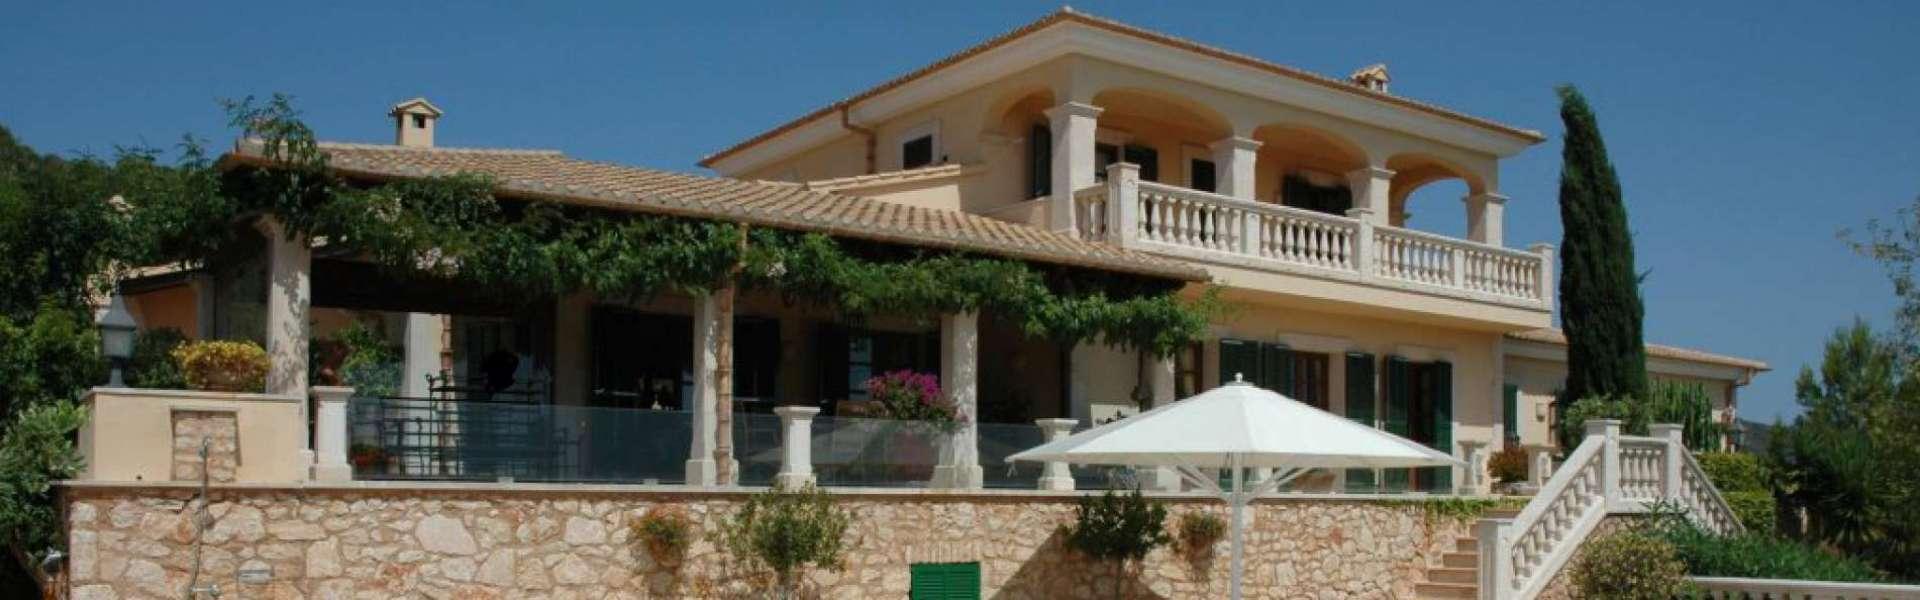 Alqueria Blanca - Landhaus mit schönem Blick